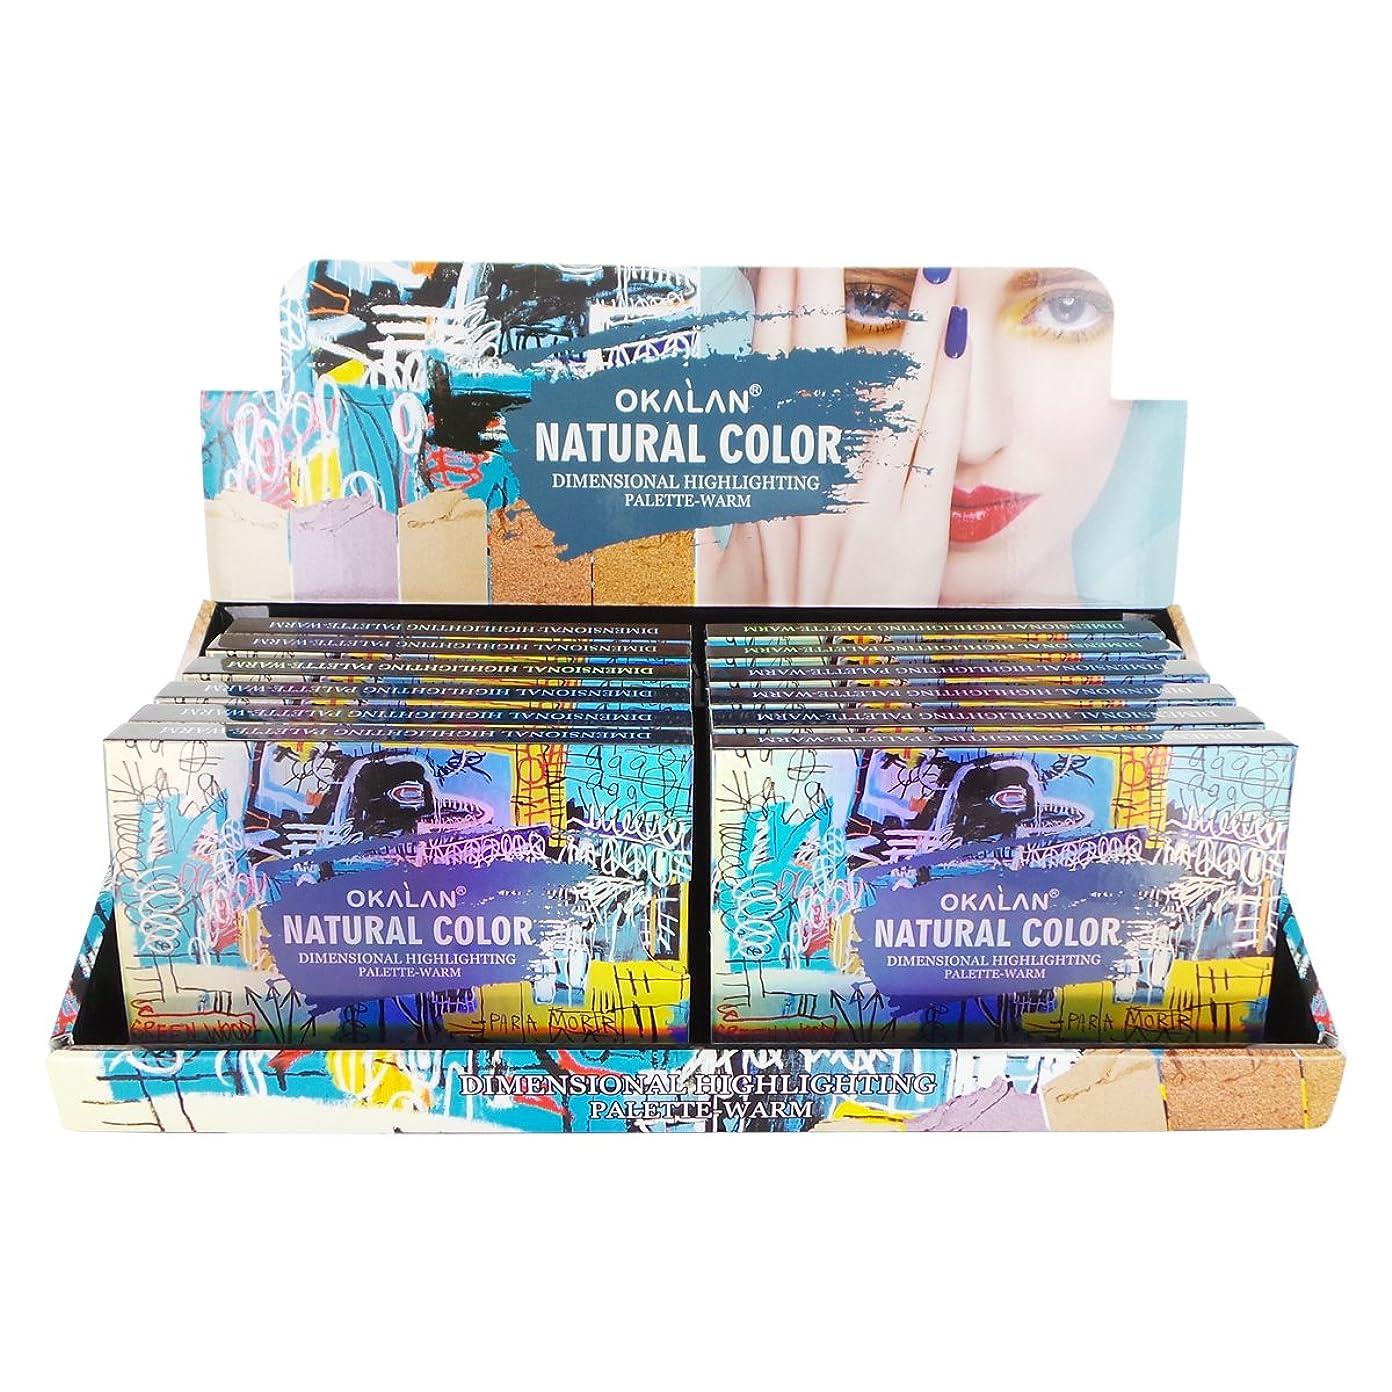 心臓土器公平なOKALAN Natural Color Dimensional Highlight Palette - Warm Display Set, 12 Pieces (並行輸入品)